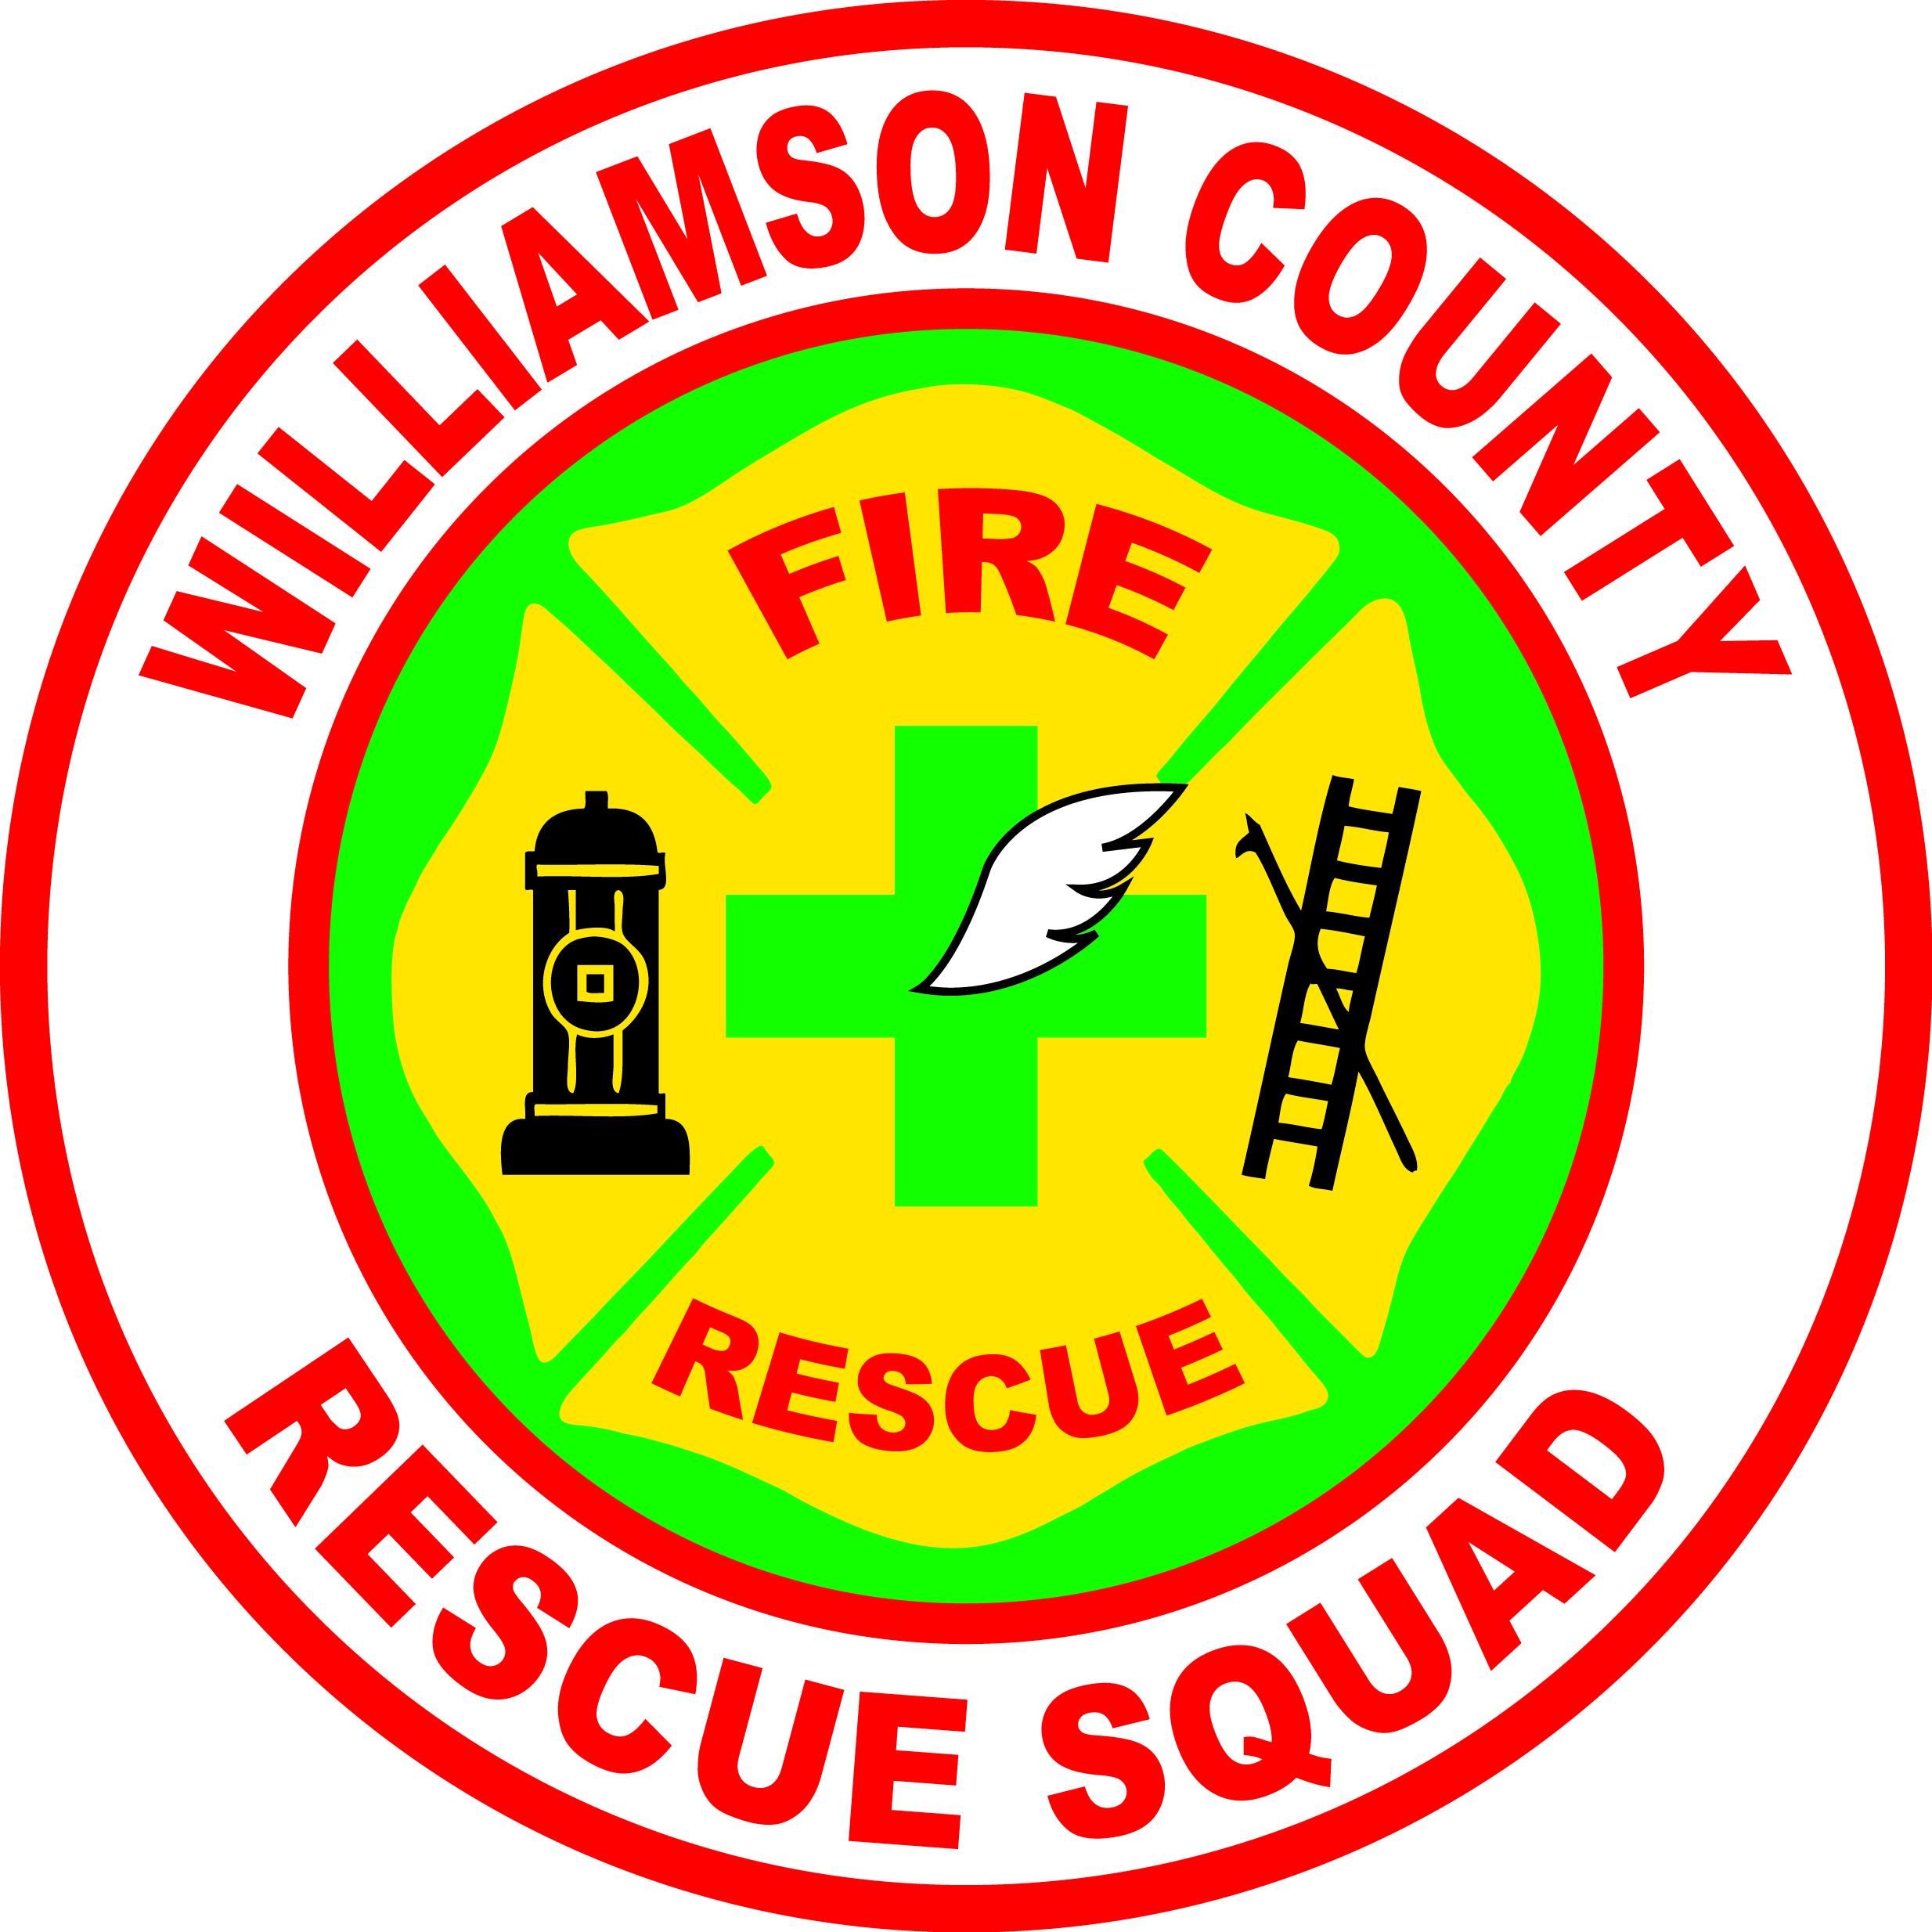 Williamson County Rescue Squad.jpg